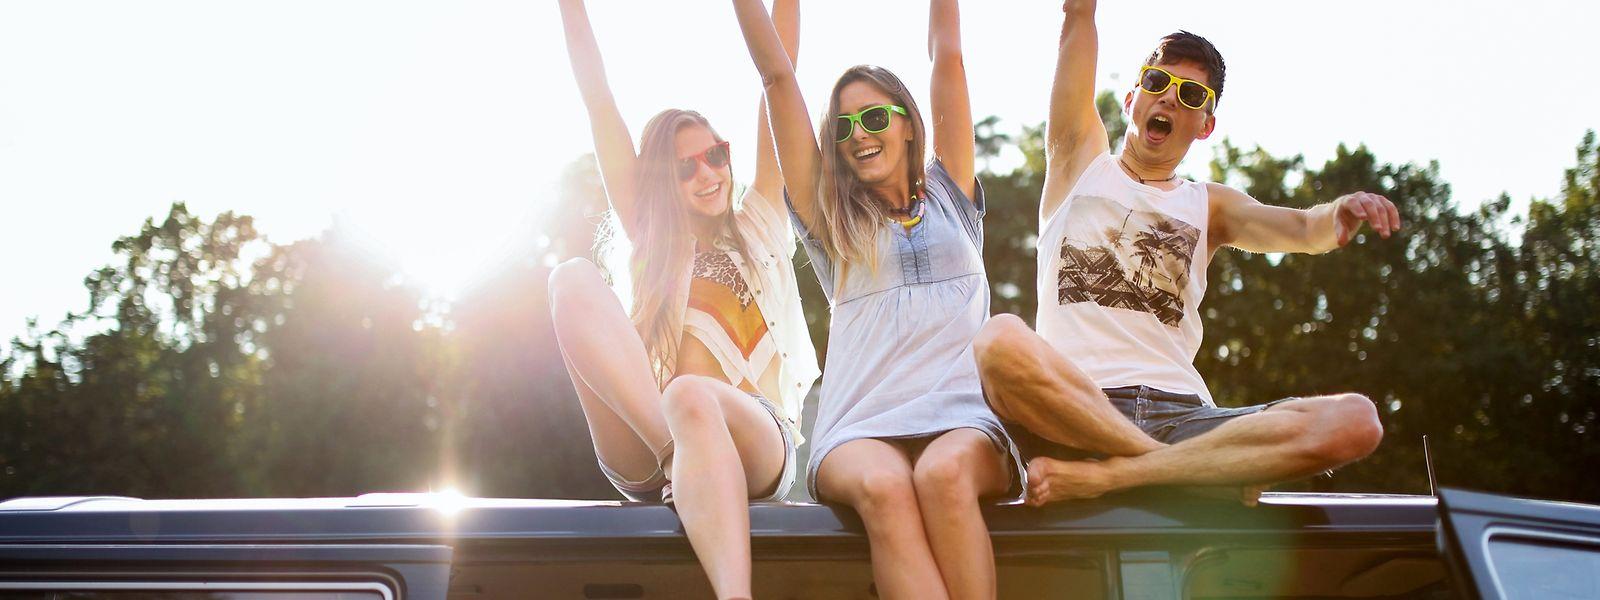 Sommer, Sonne, neue Bekanntschaften: Damit der Urlaub besonders für junge Menschen ohne große Folgen bleibt, erinnert das Gesundheitsministerium an die Notwendigkeit von Verhütung.